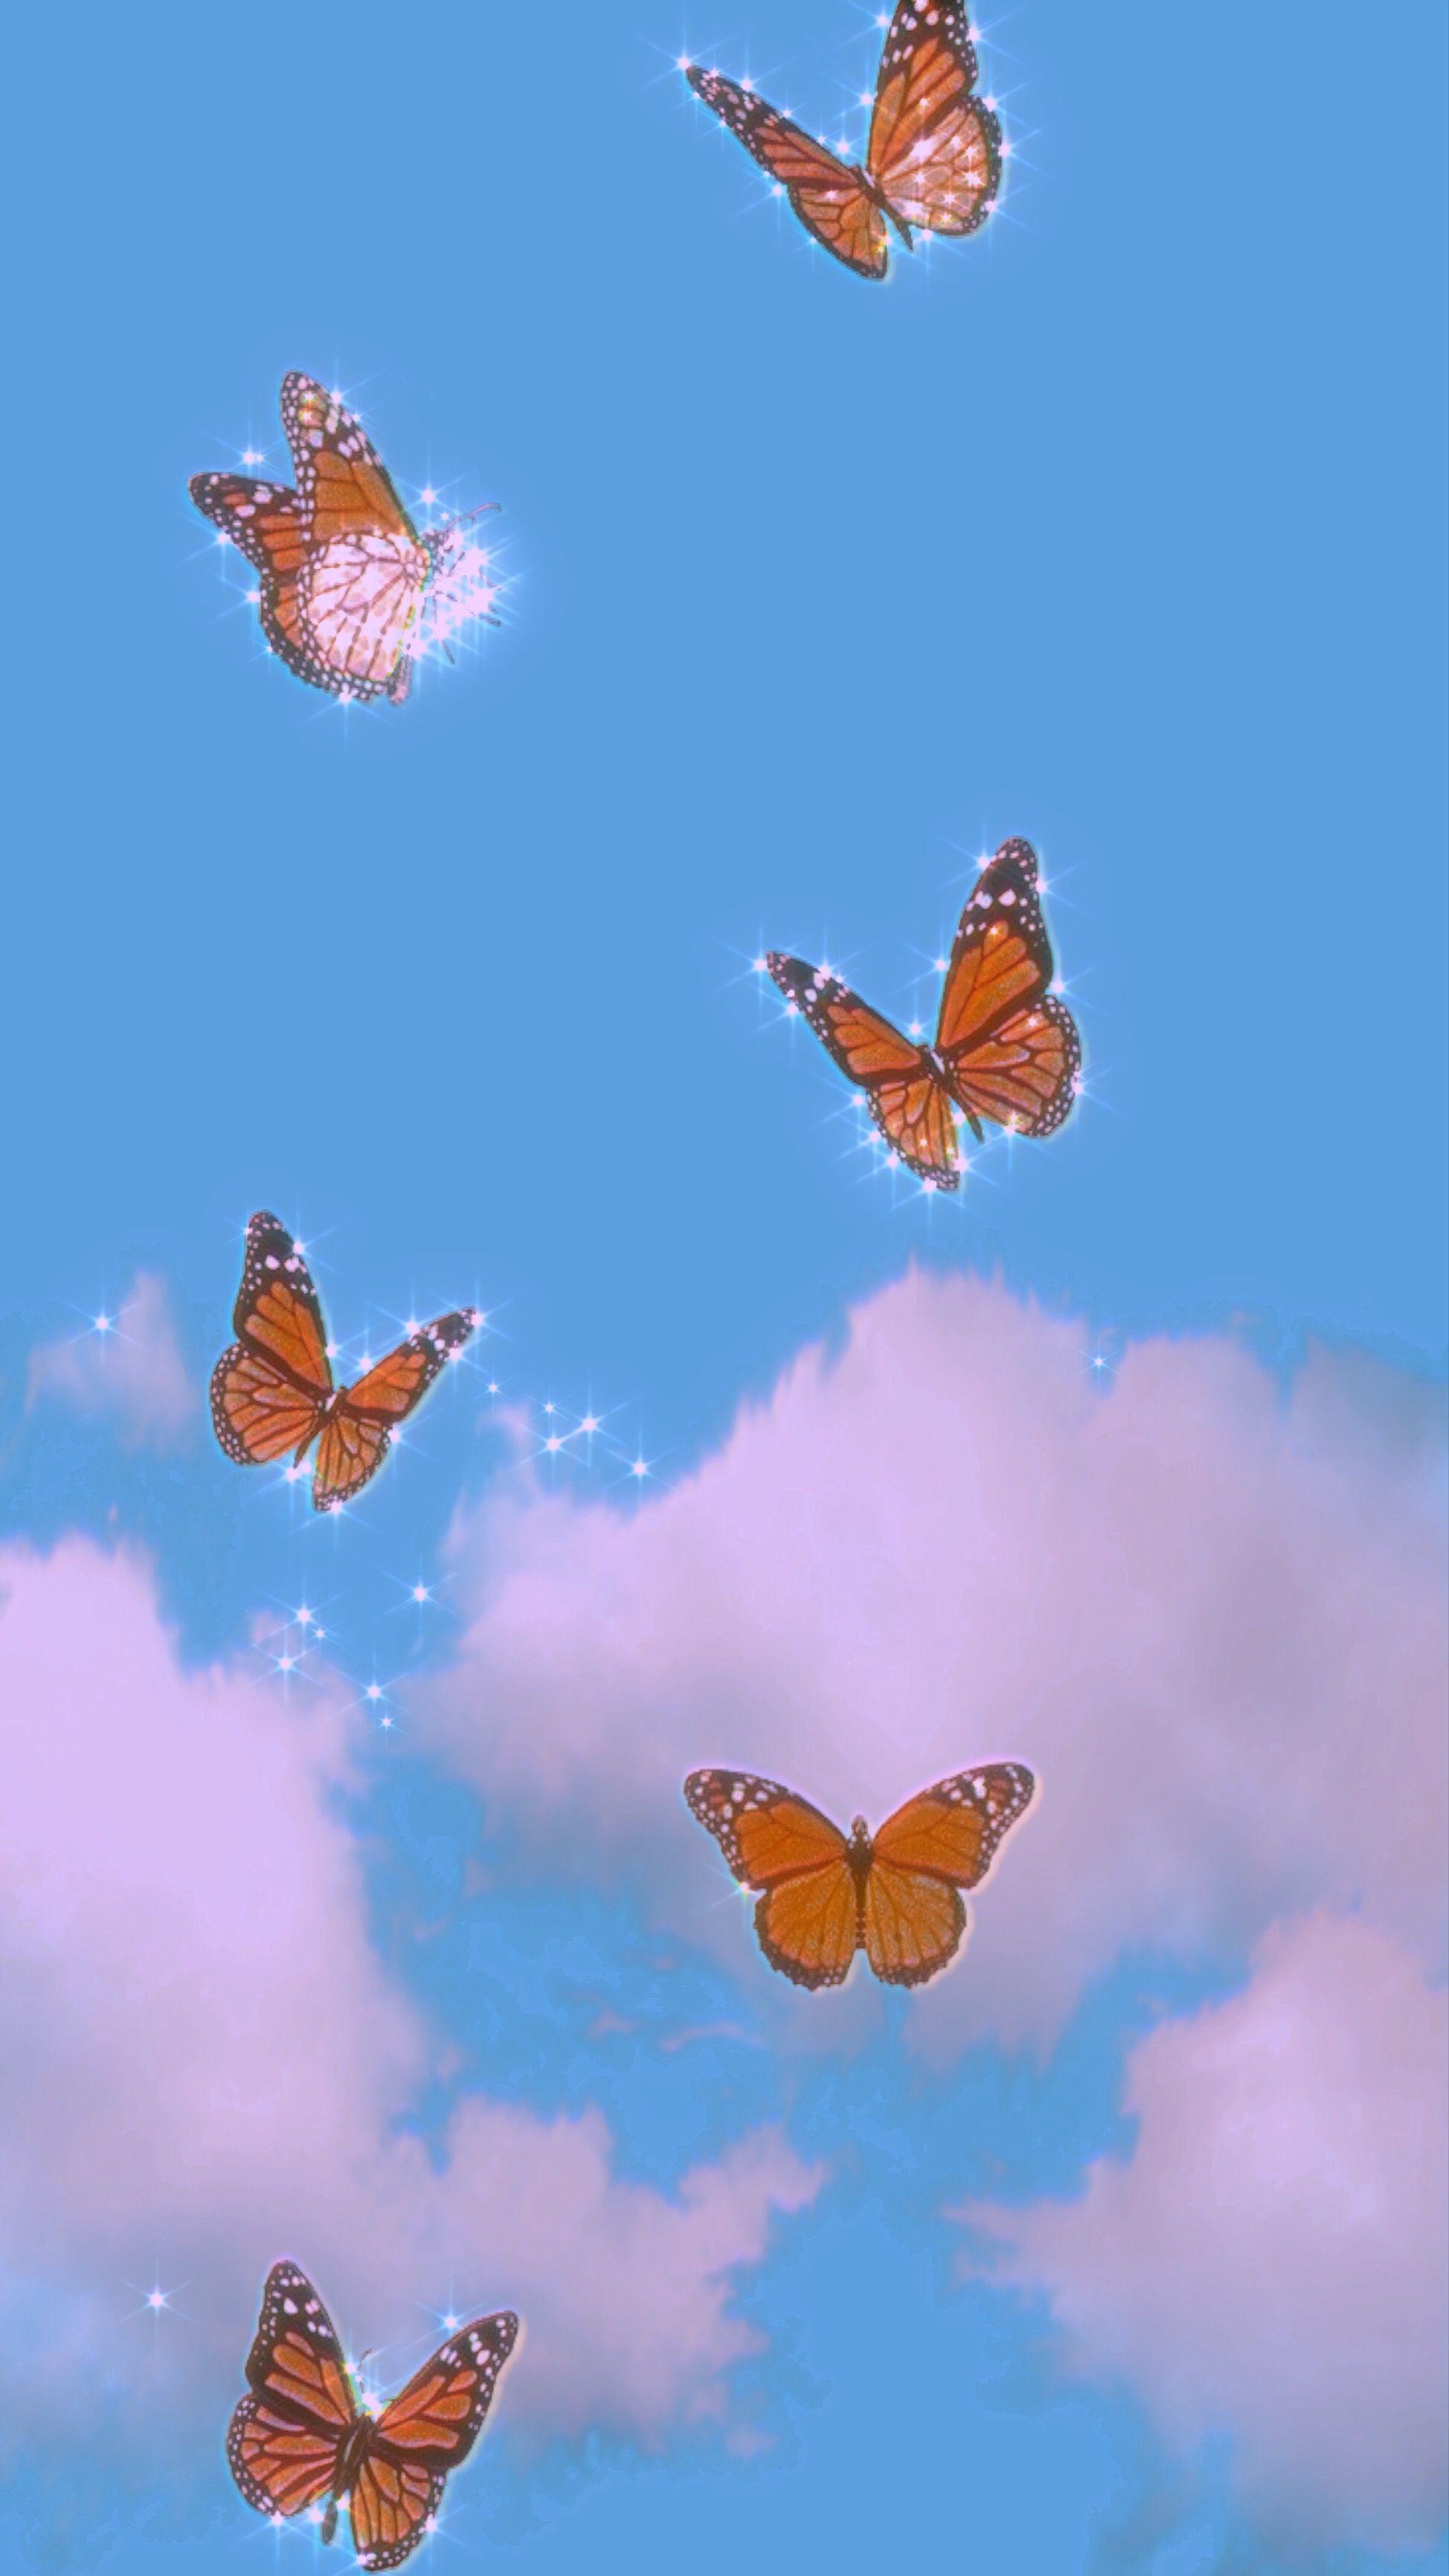 Butterfly Cellphone Wallpaper Backgrounds Iphone Wallpaper Tumblr Aesthetic Aesthetic Iphone Wallpaper